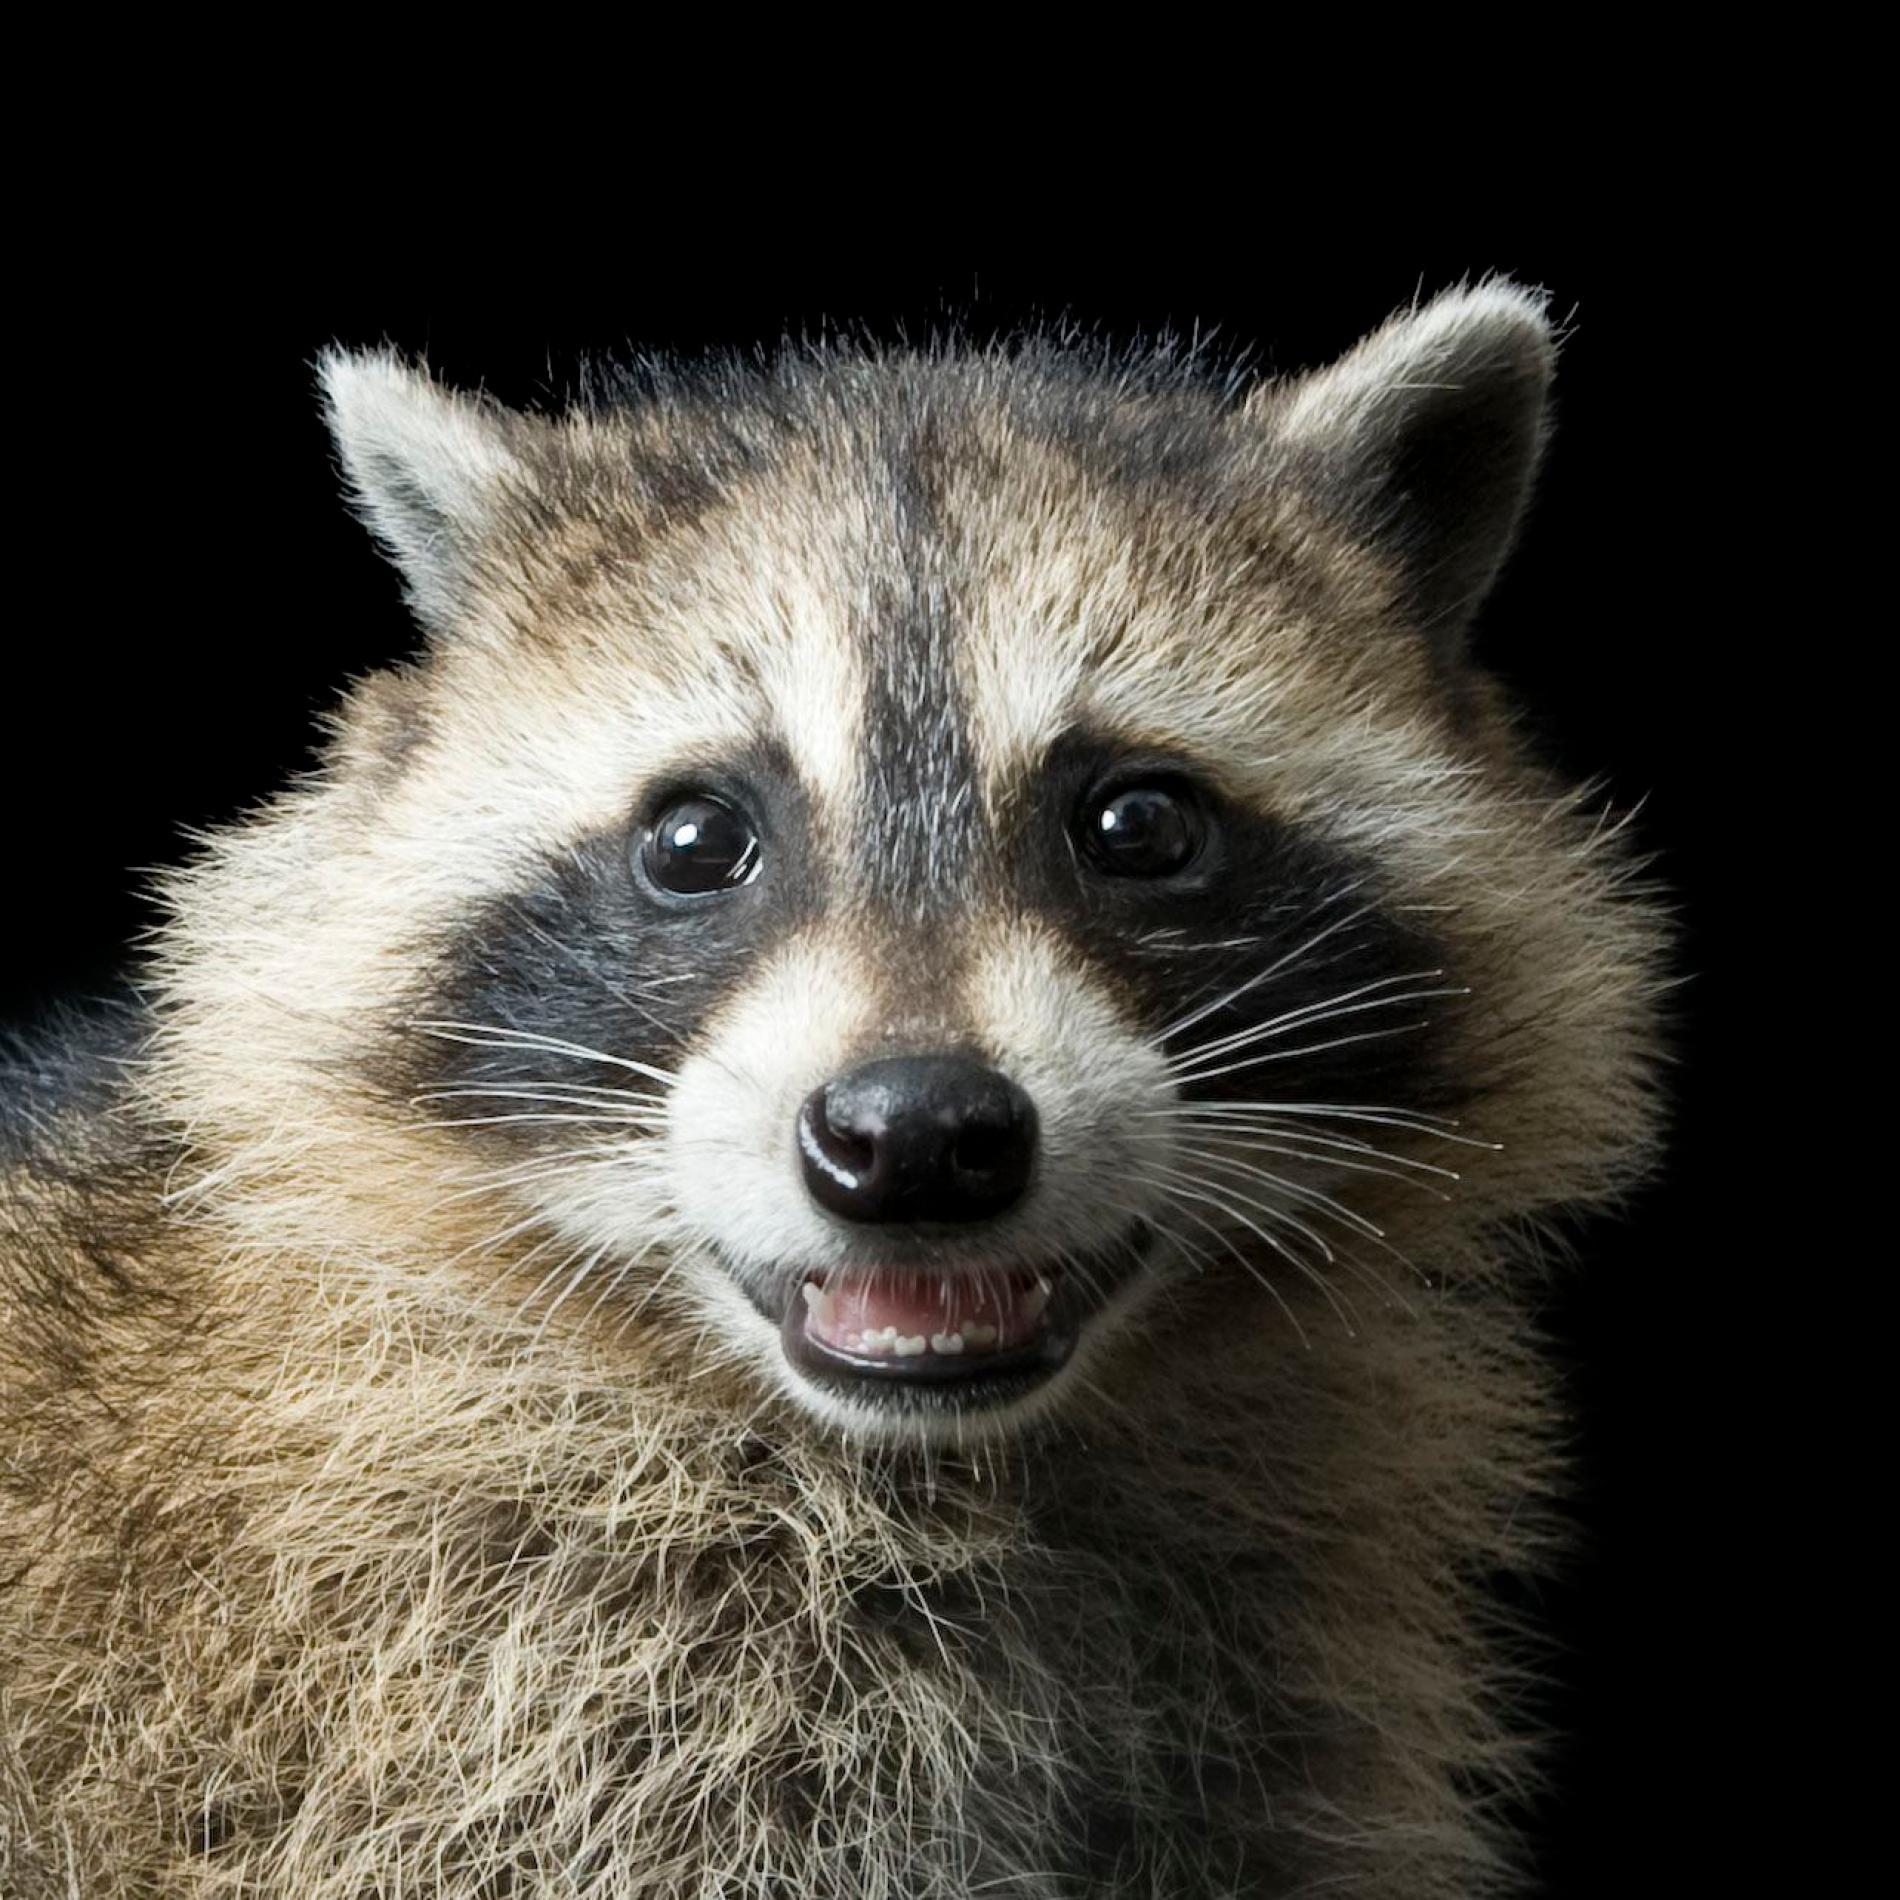 1900x1900 > Raccoon Wallpapers